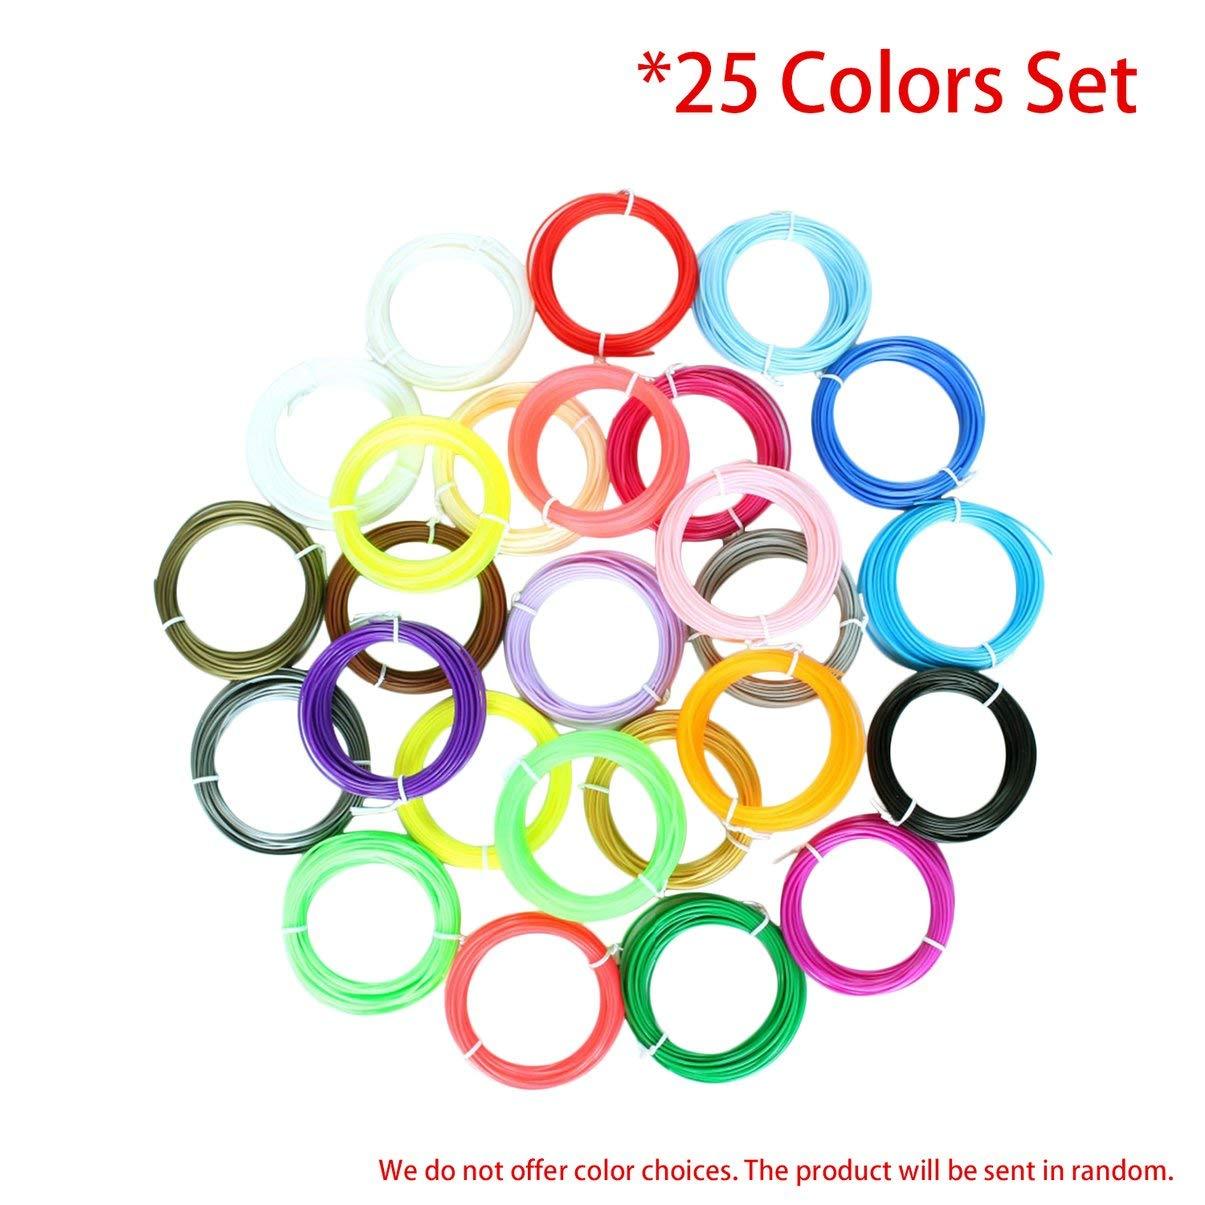 25 Farben Druck Filament Set 1.75mm PLA Filament 3D Druckerzubehör Materialien Für 3D Druck Zeichnung Stift